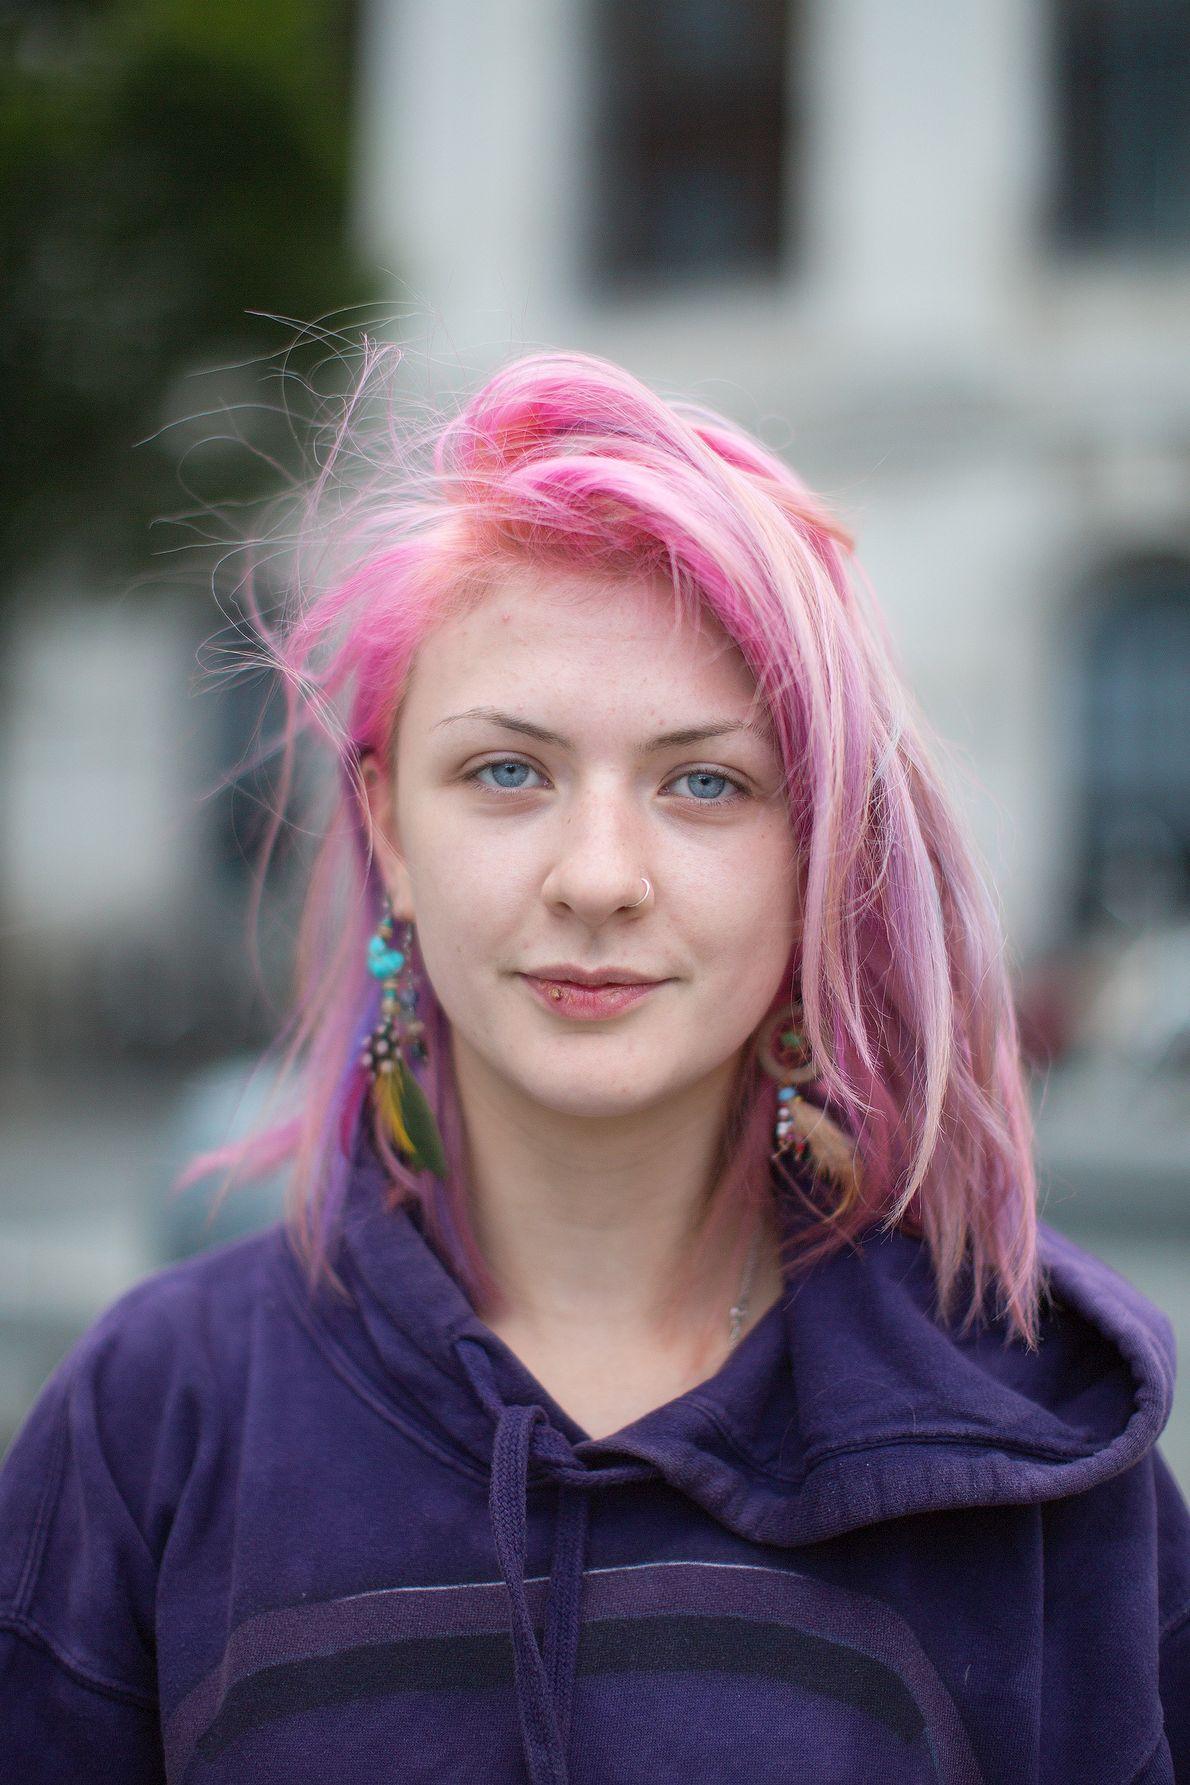 Niamh Caldwell posiert auf der Dame Street, einer großen Straße in der Nähe des Stadtzentrums von ...